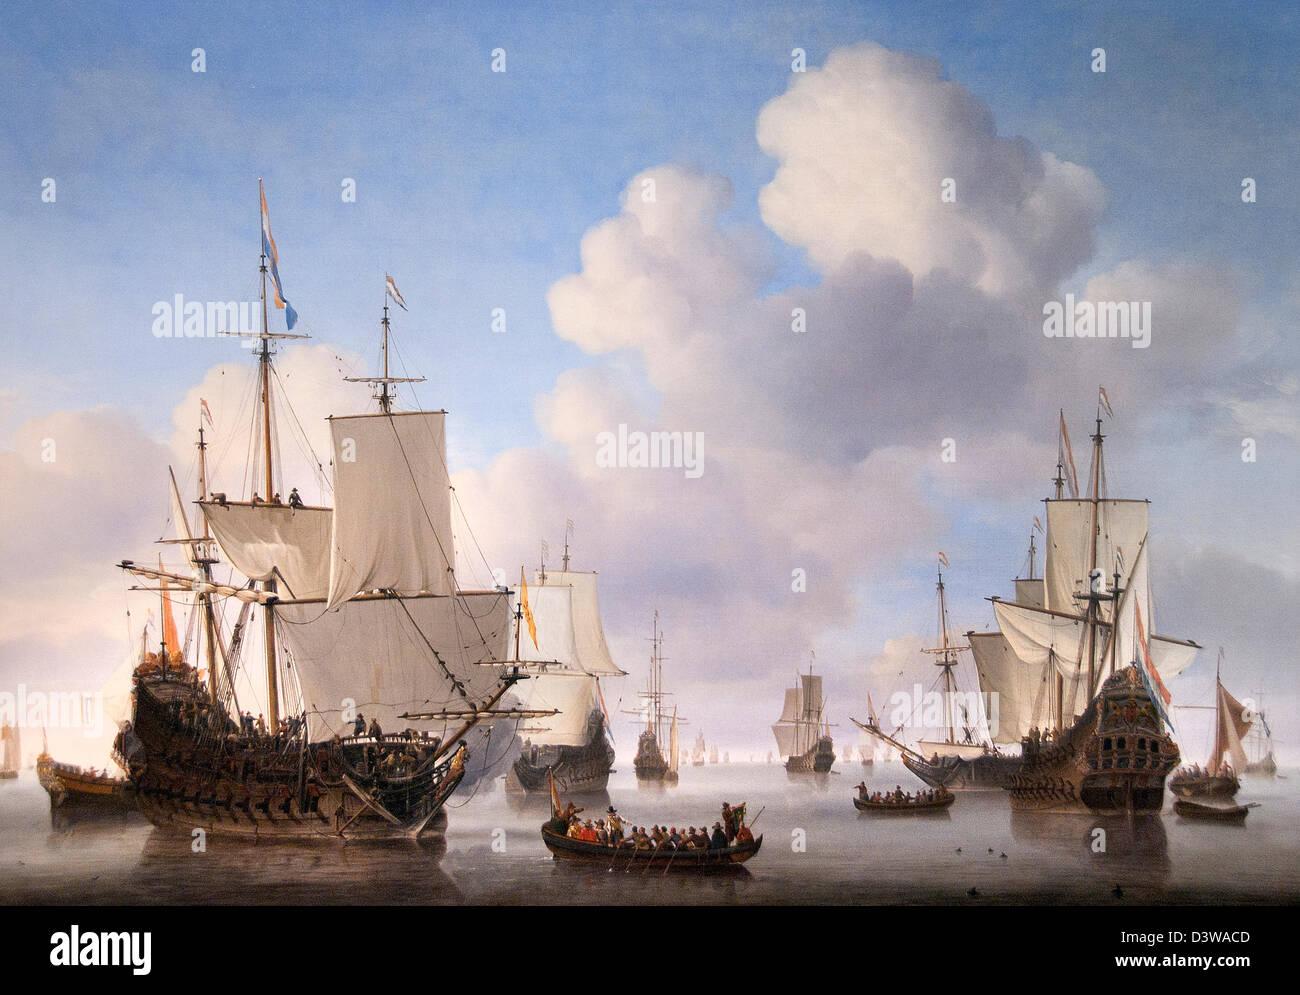 Le navi olandesi su un mare calmo 1665 Willem van de Velde Paesi Bassi Immagini Stock